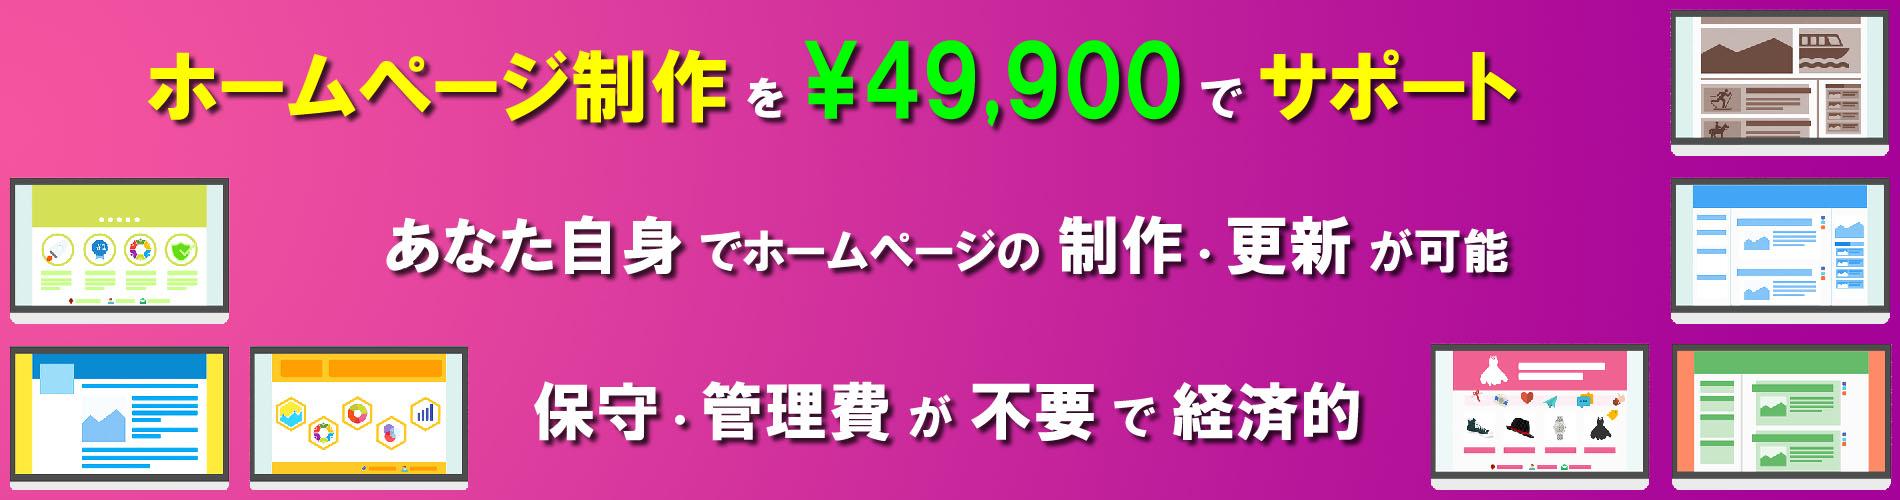 格安 ホームページ 低価格 ソフトウェア